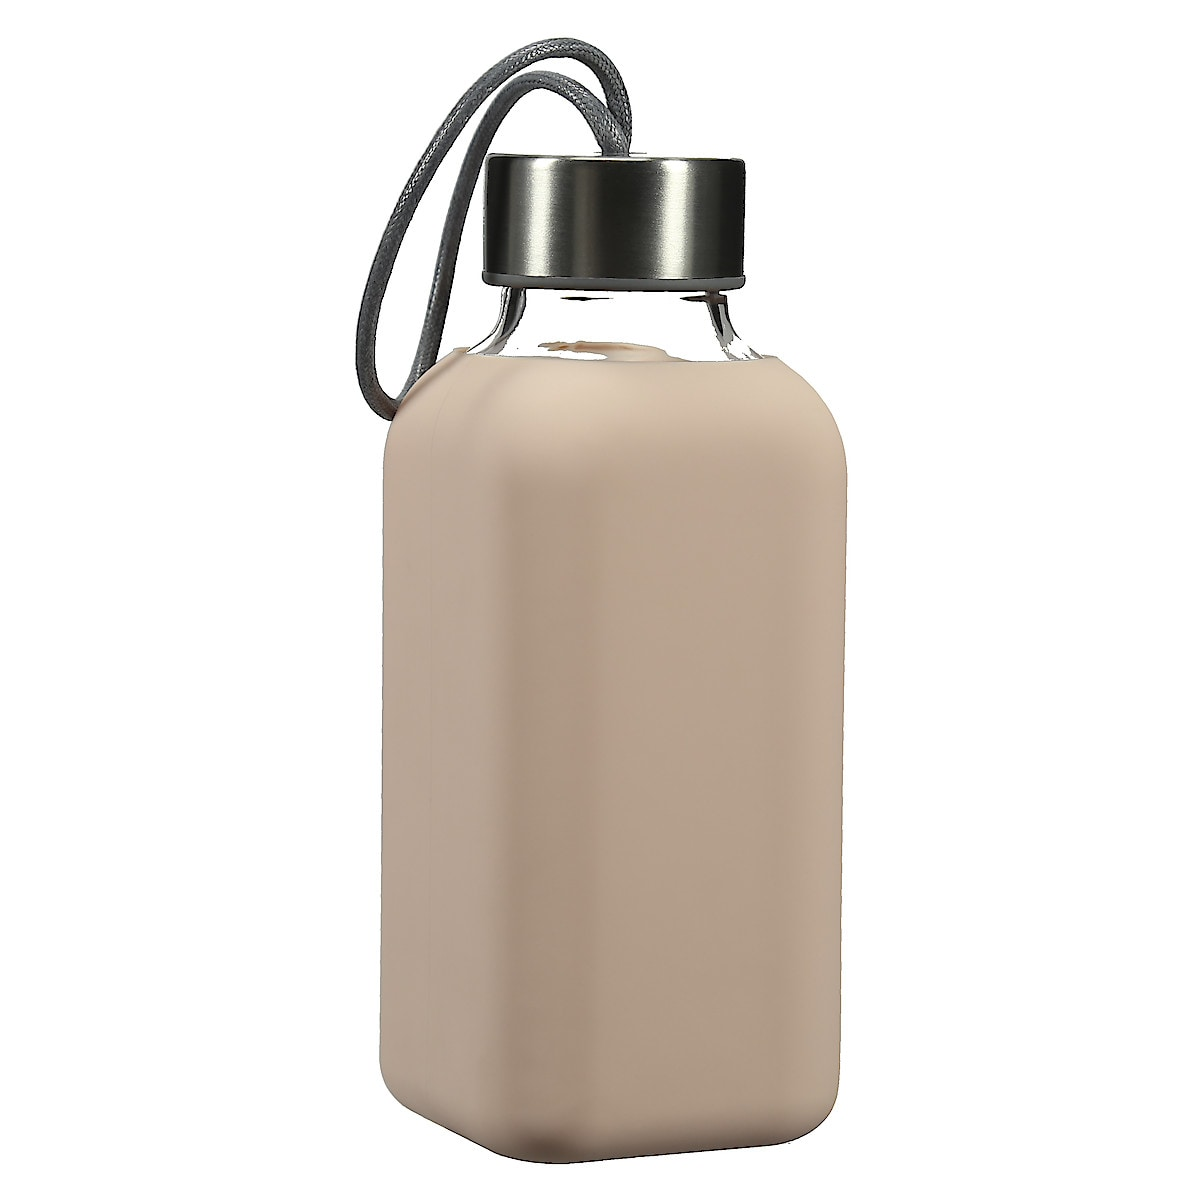 Vattenflaska med silikon, To go